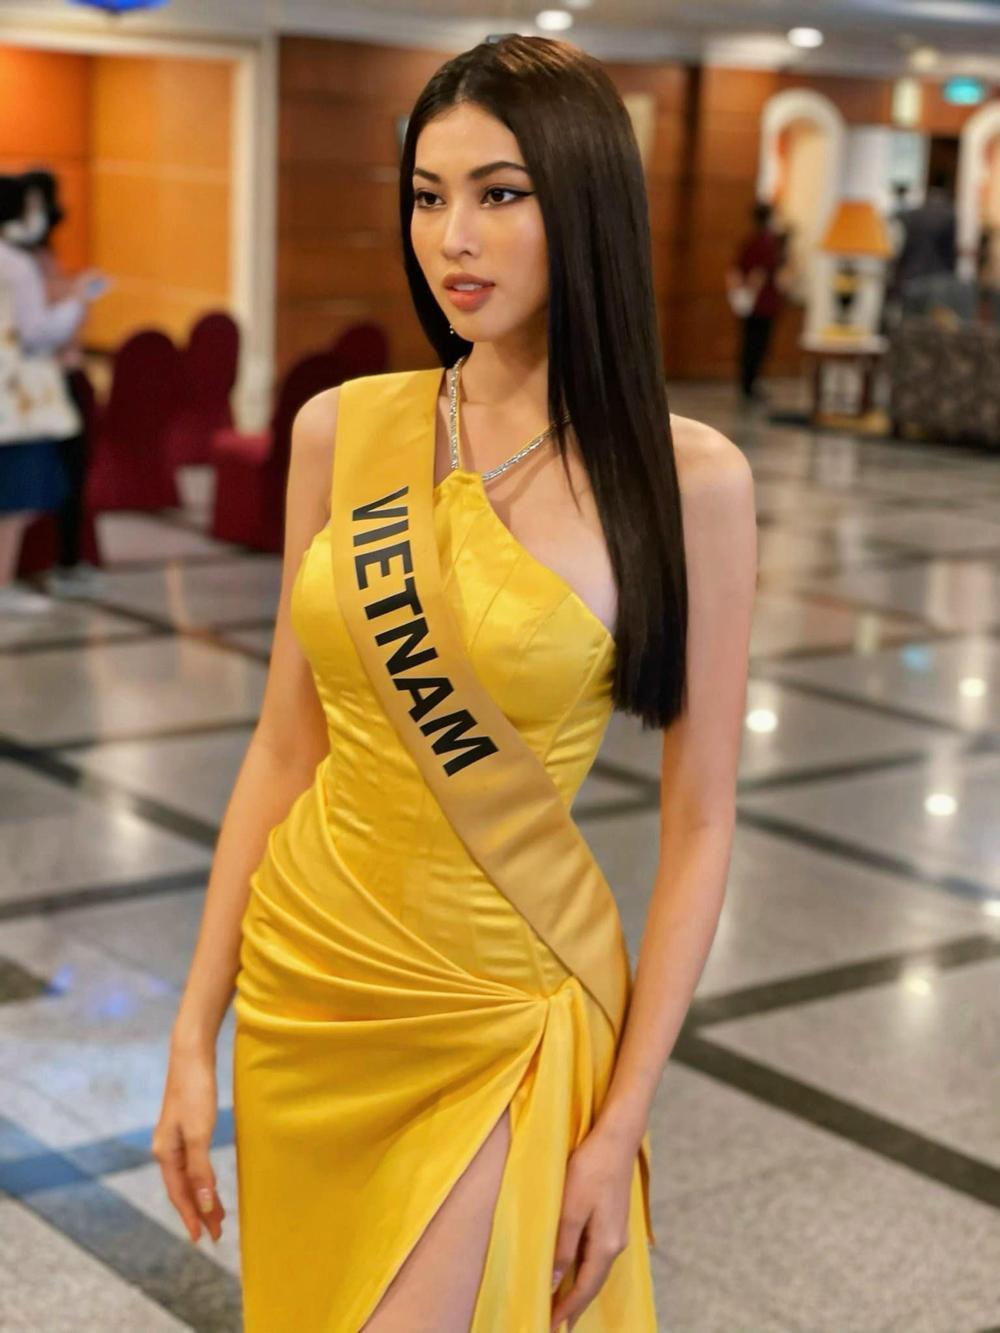 Hành trình lọt Top 20 của Ngọc Thảo: Nàng hậu 21 tuổi bản lĩnh chinh phục Miss Grand giữa mùa dịch! Ảnh 29